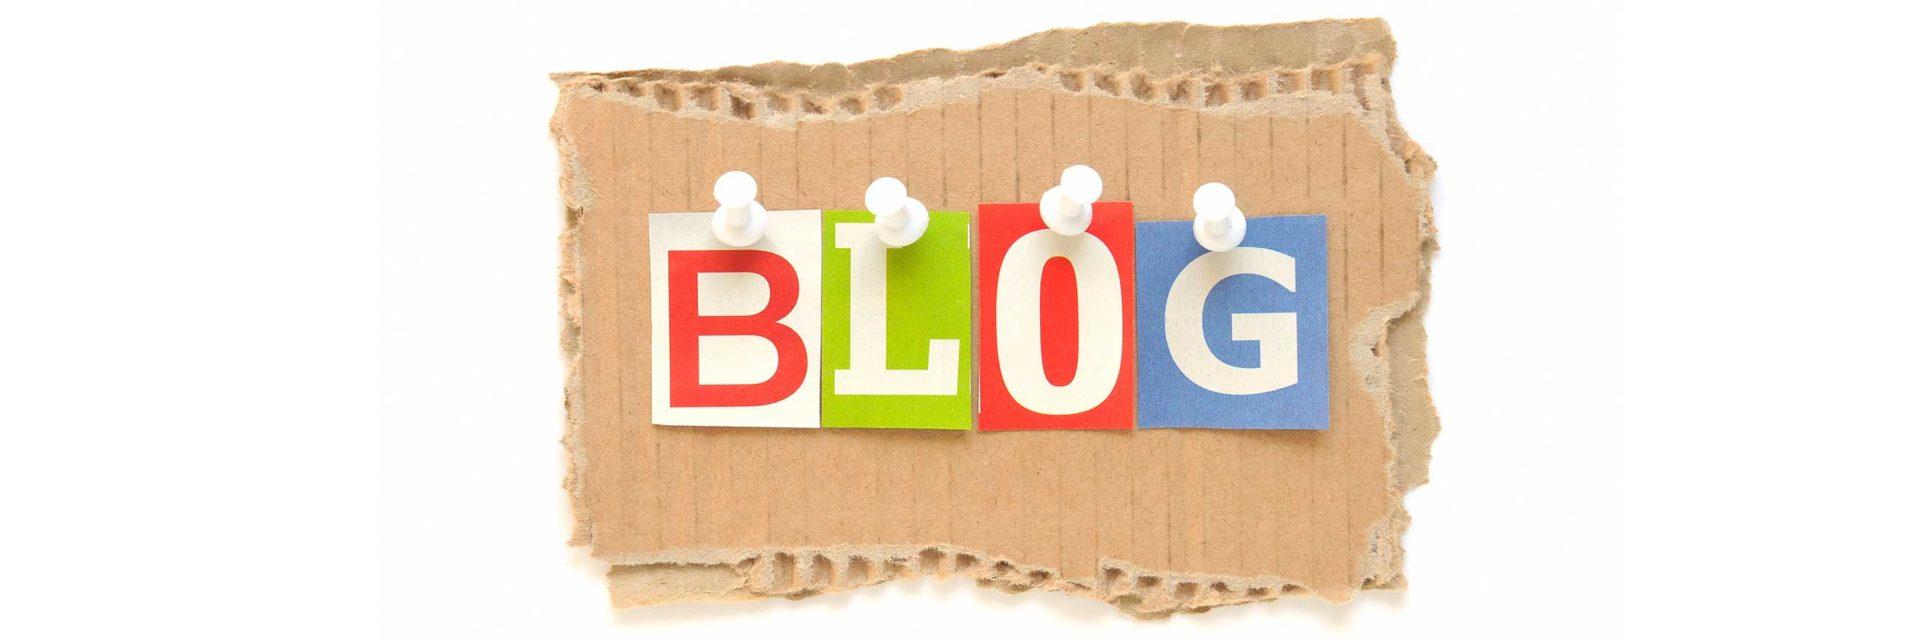 Pappe auf der das Wort Blog angepinnt ist